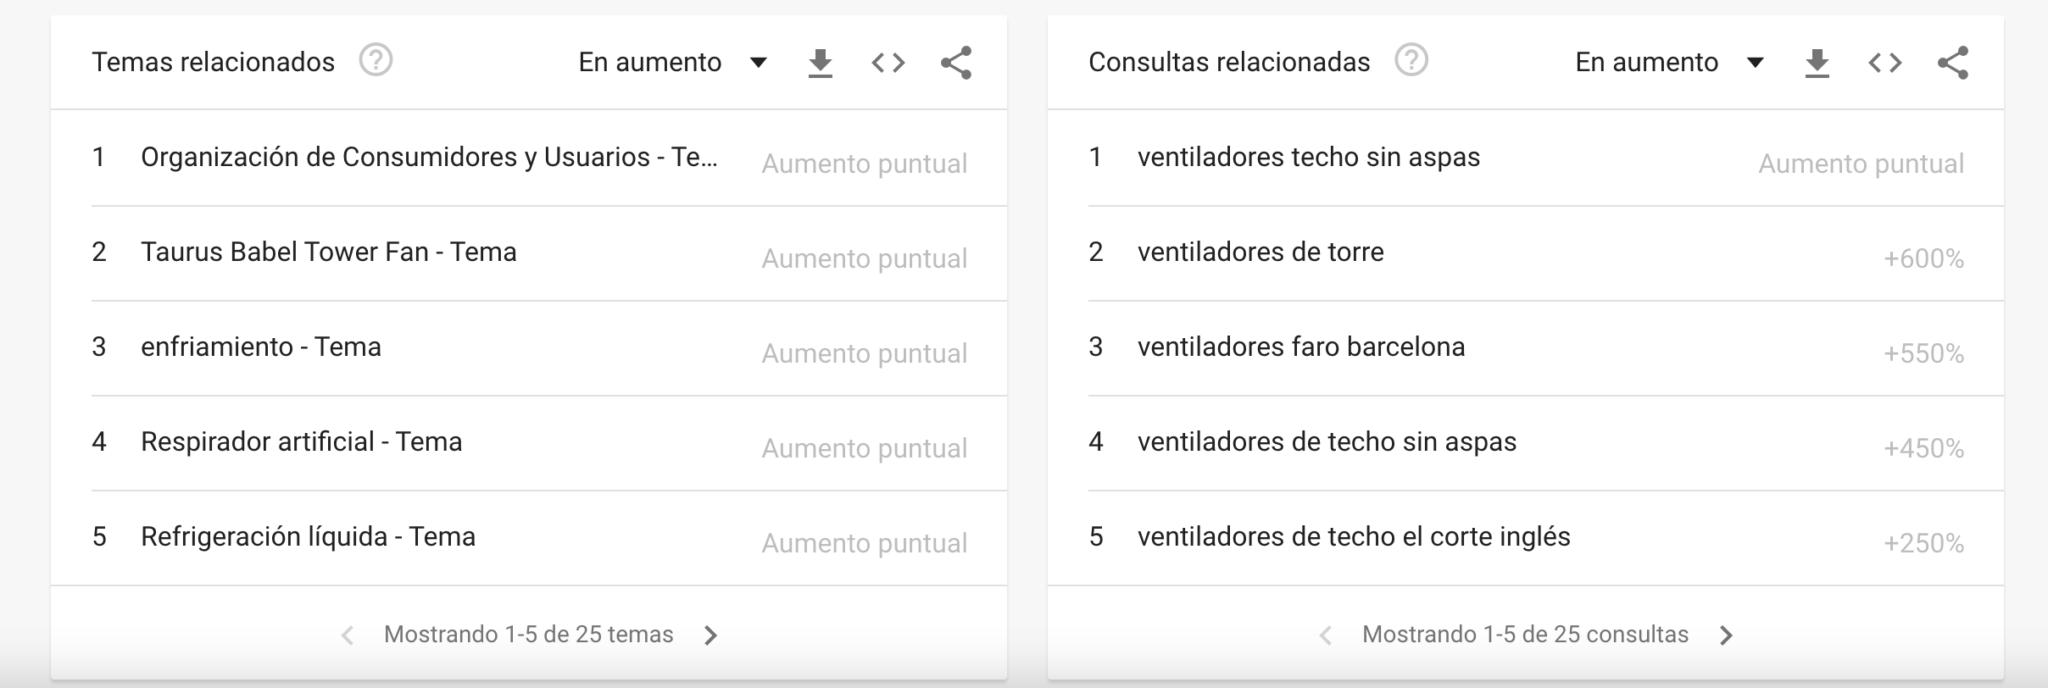 keyword research con google trends, estudio de palabras clave